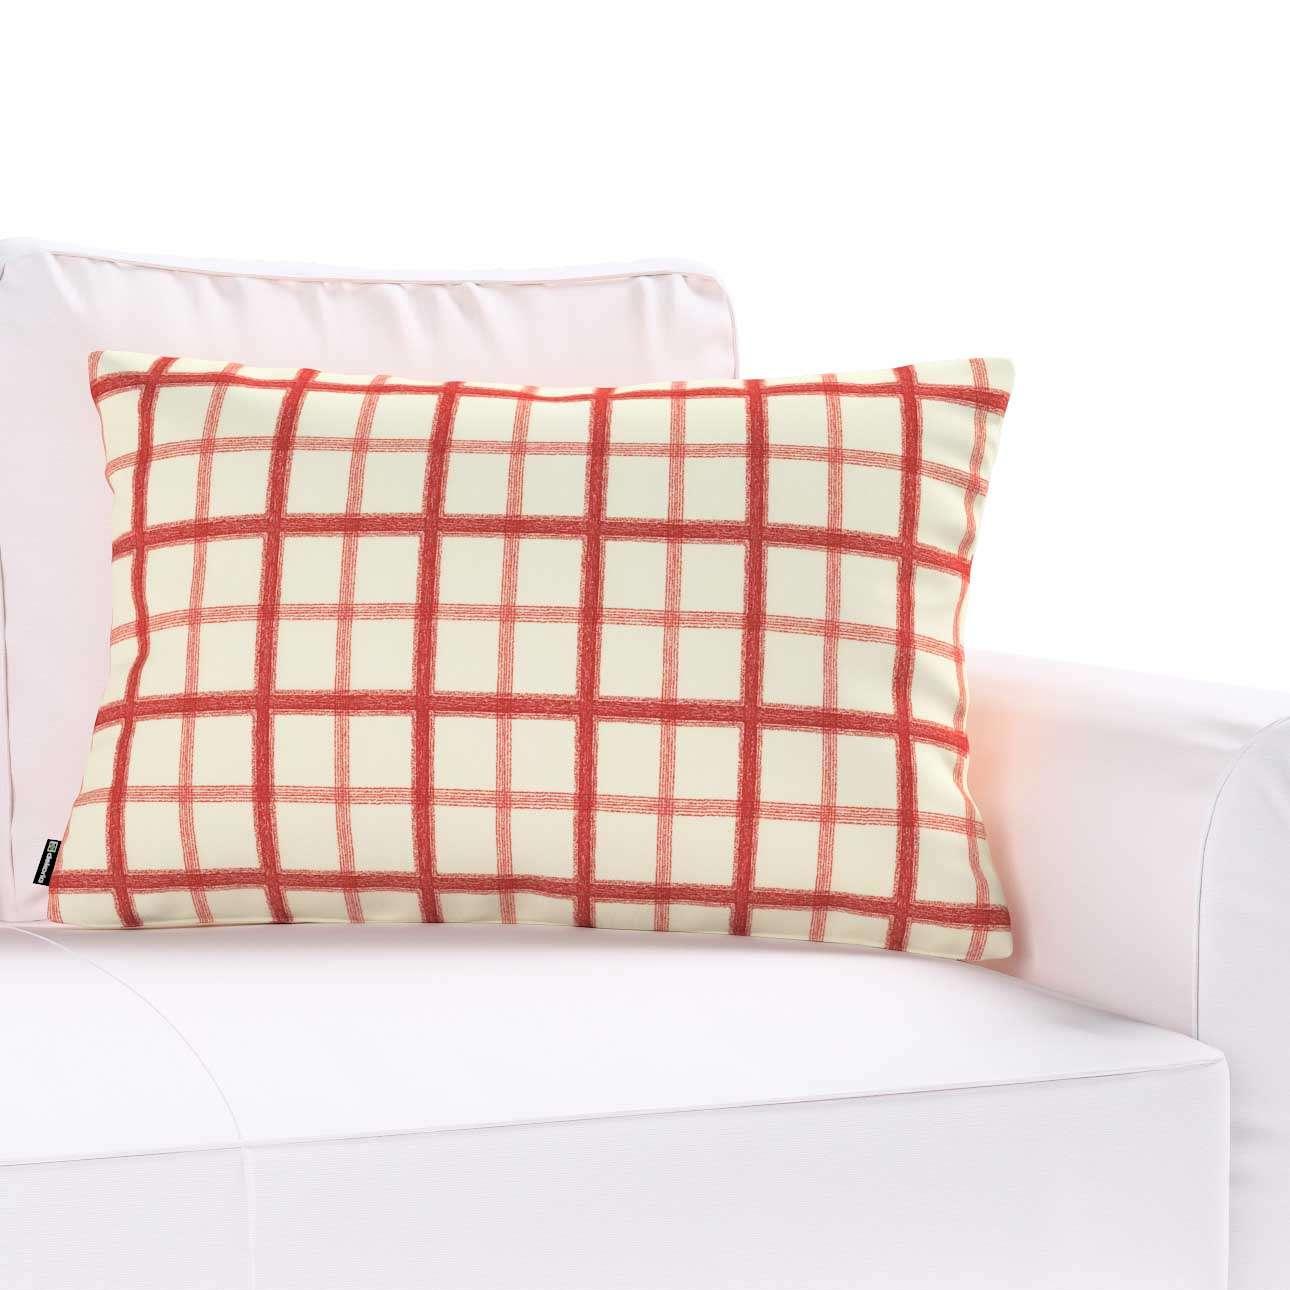 Kinga dekoratyvinės pagalvėlės užvalkalas 60x40cm kolekcijoje Avinon, audinys: 131-15